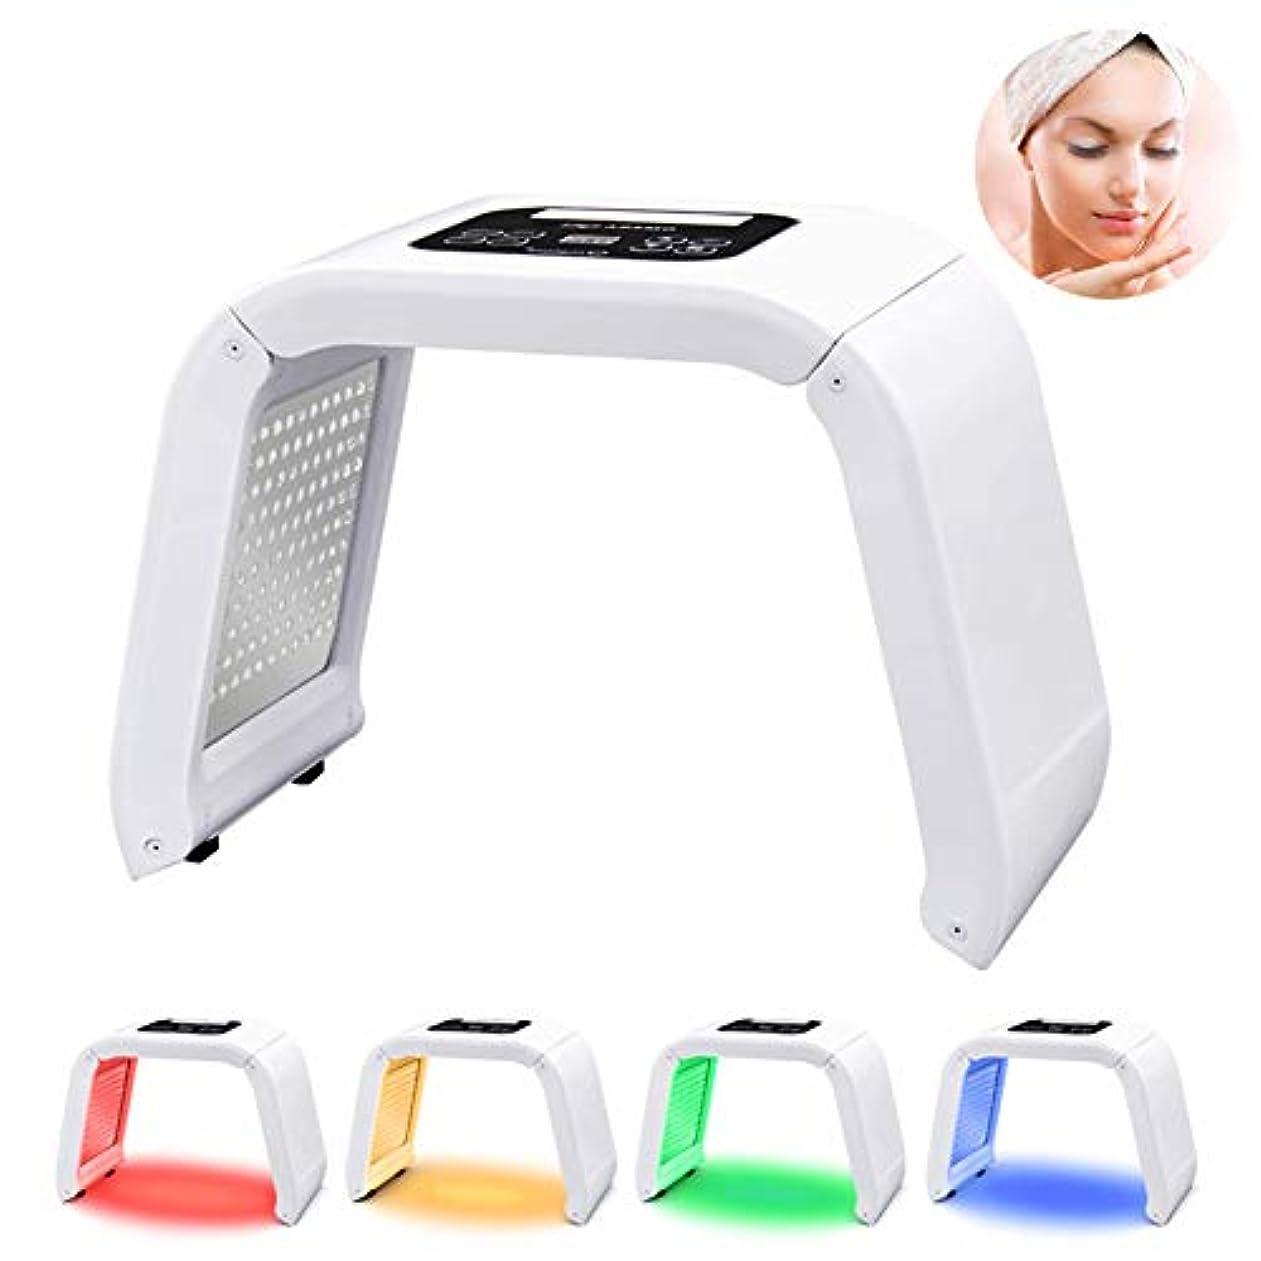 エジプト掃除別れるPDT 4-In-1 LEDライト光線療法電気スキンケア美容装置家庭用多機能体の美容スキンケア分光器のマシン女性のための完璧なギフト